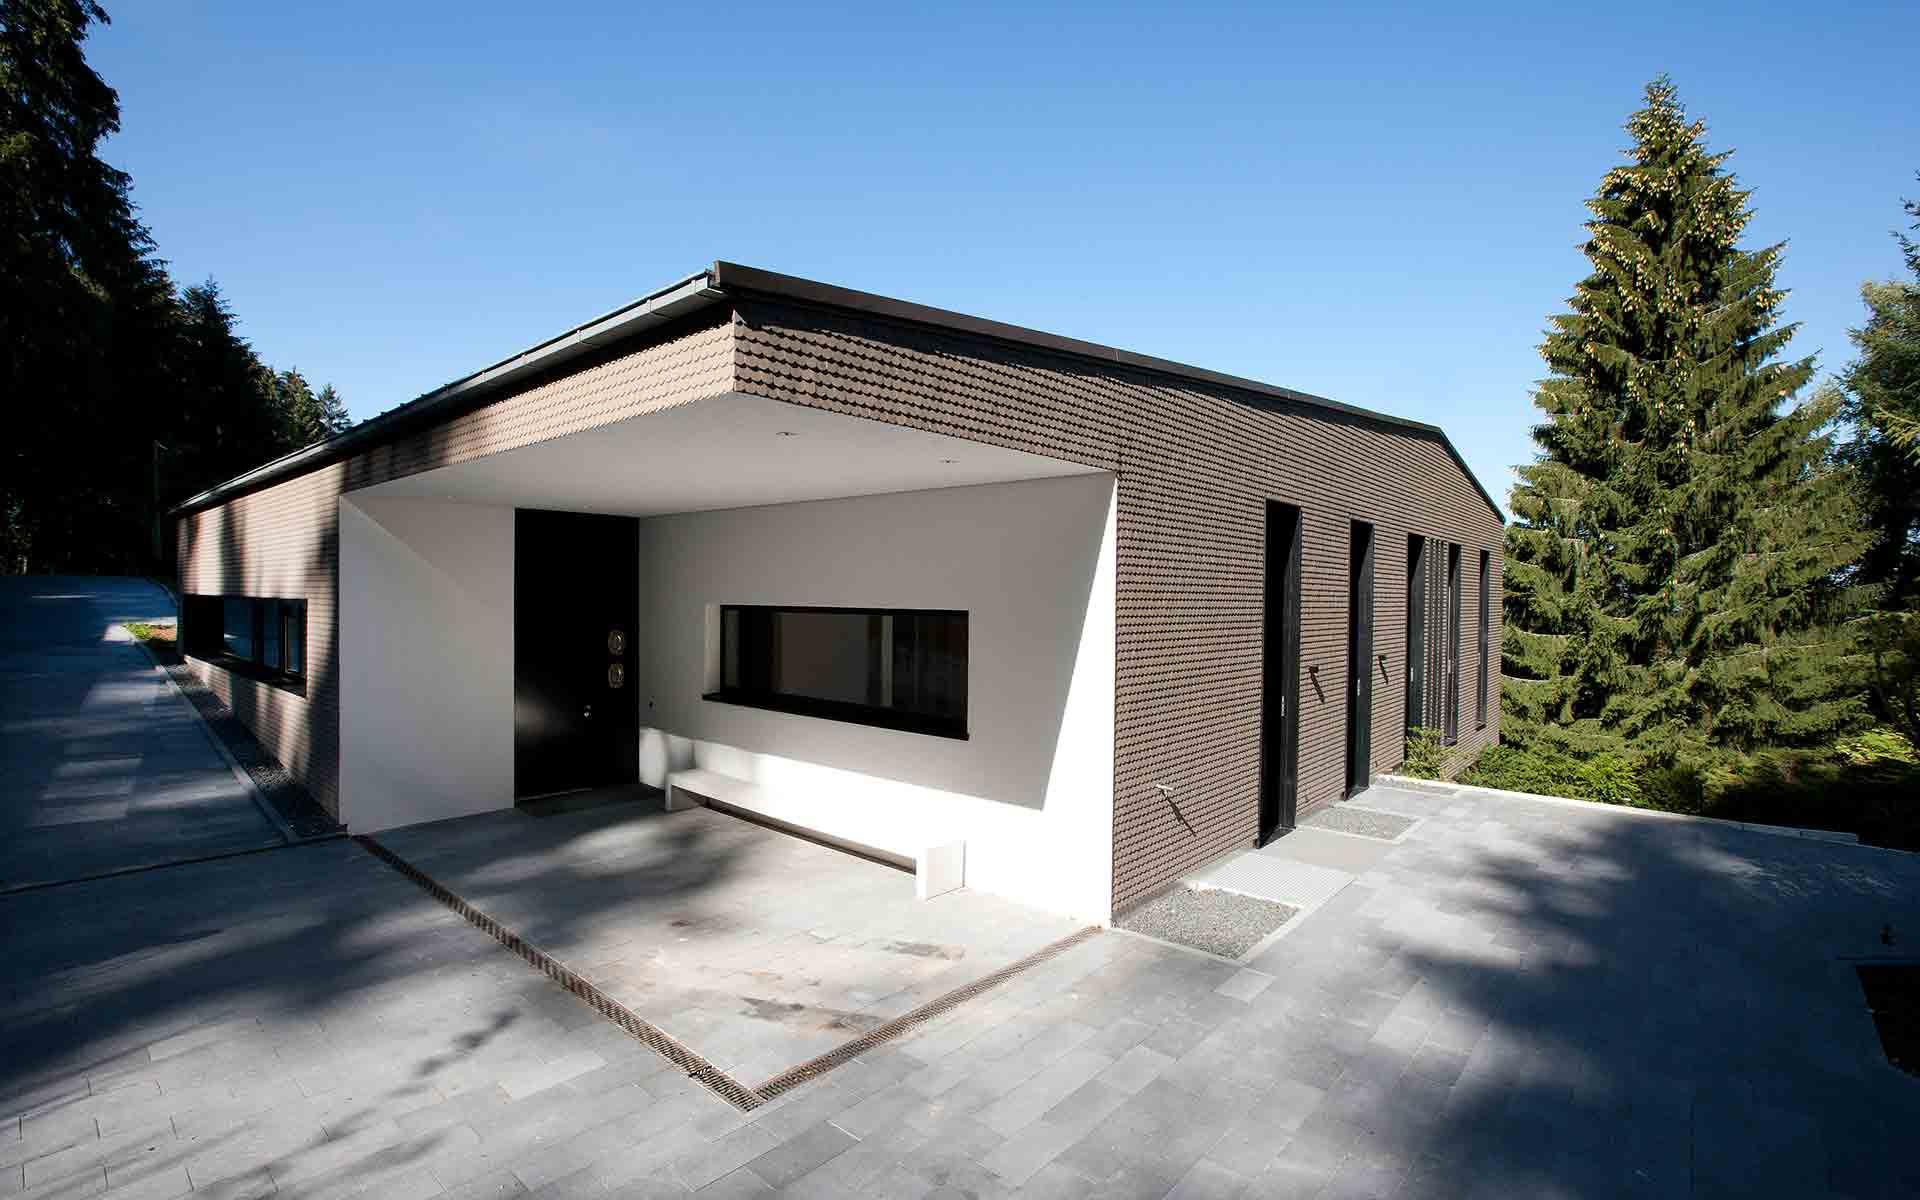 Thomas bechtold architekten b hl achern und baden baden - Haus 69 ...